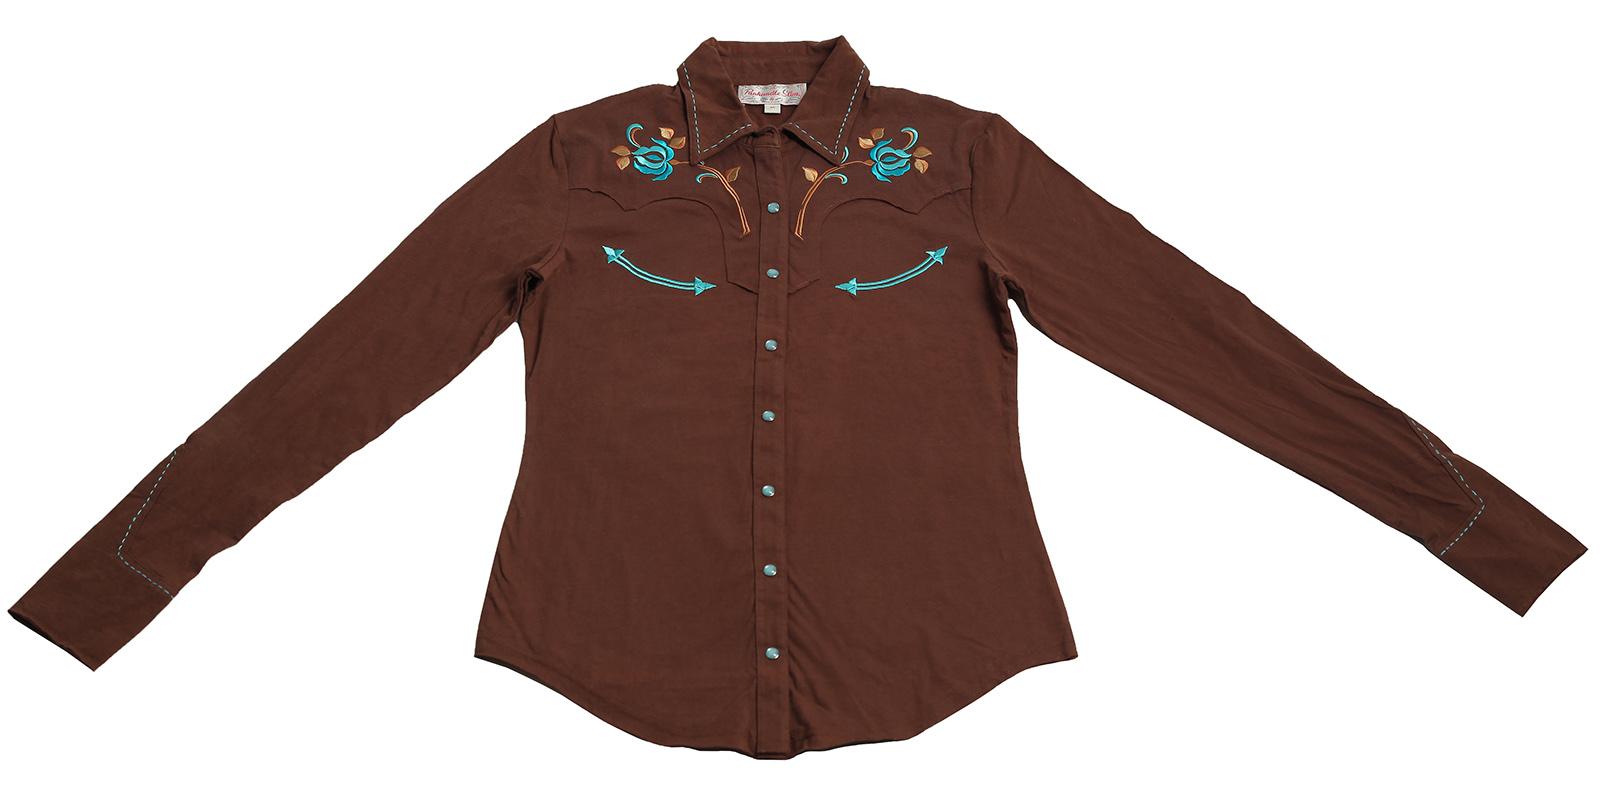 Модная рубашка Panhandle Slim в стиле кантри для очаровательных натур